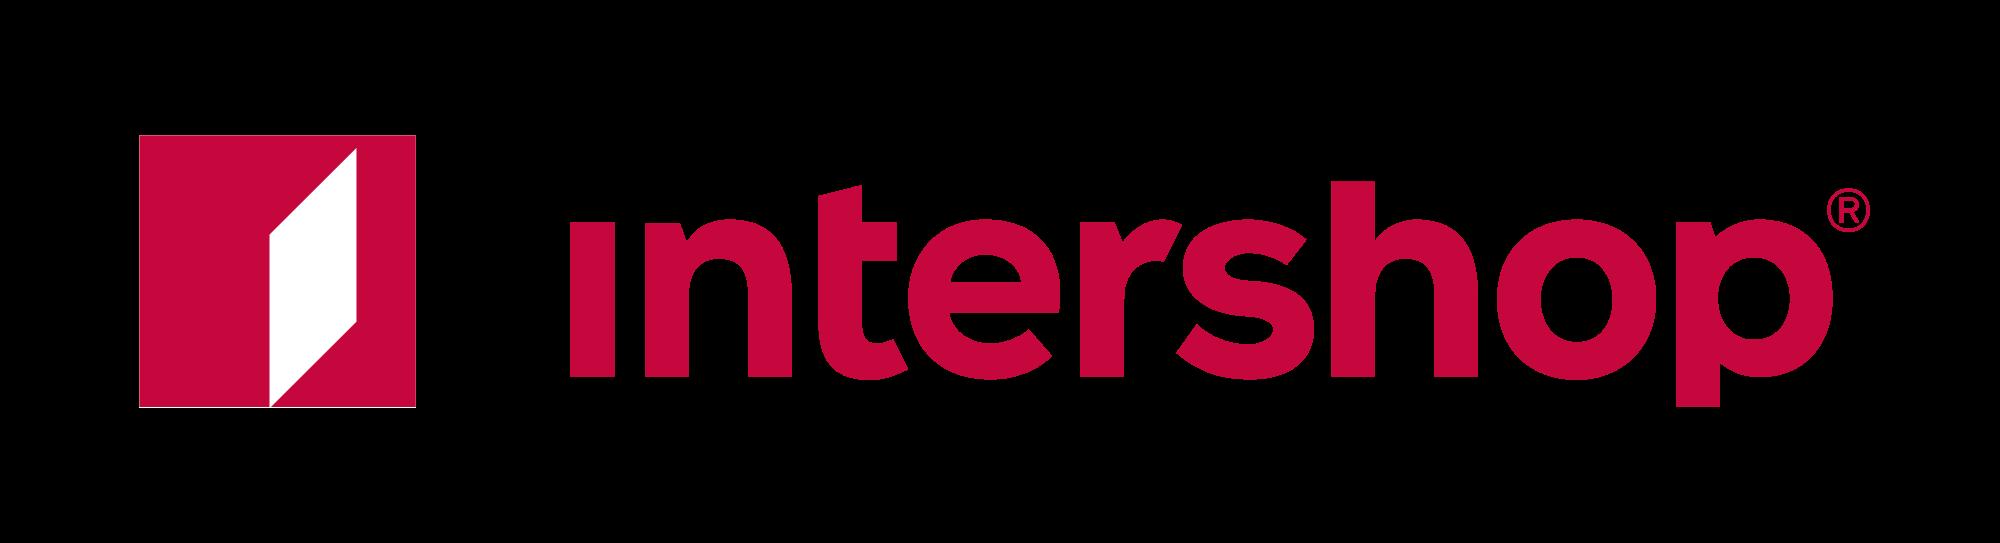 Intershop Logo